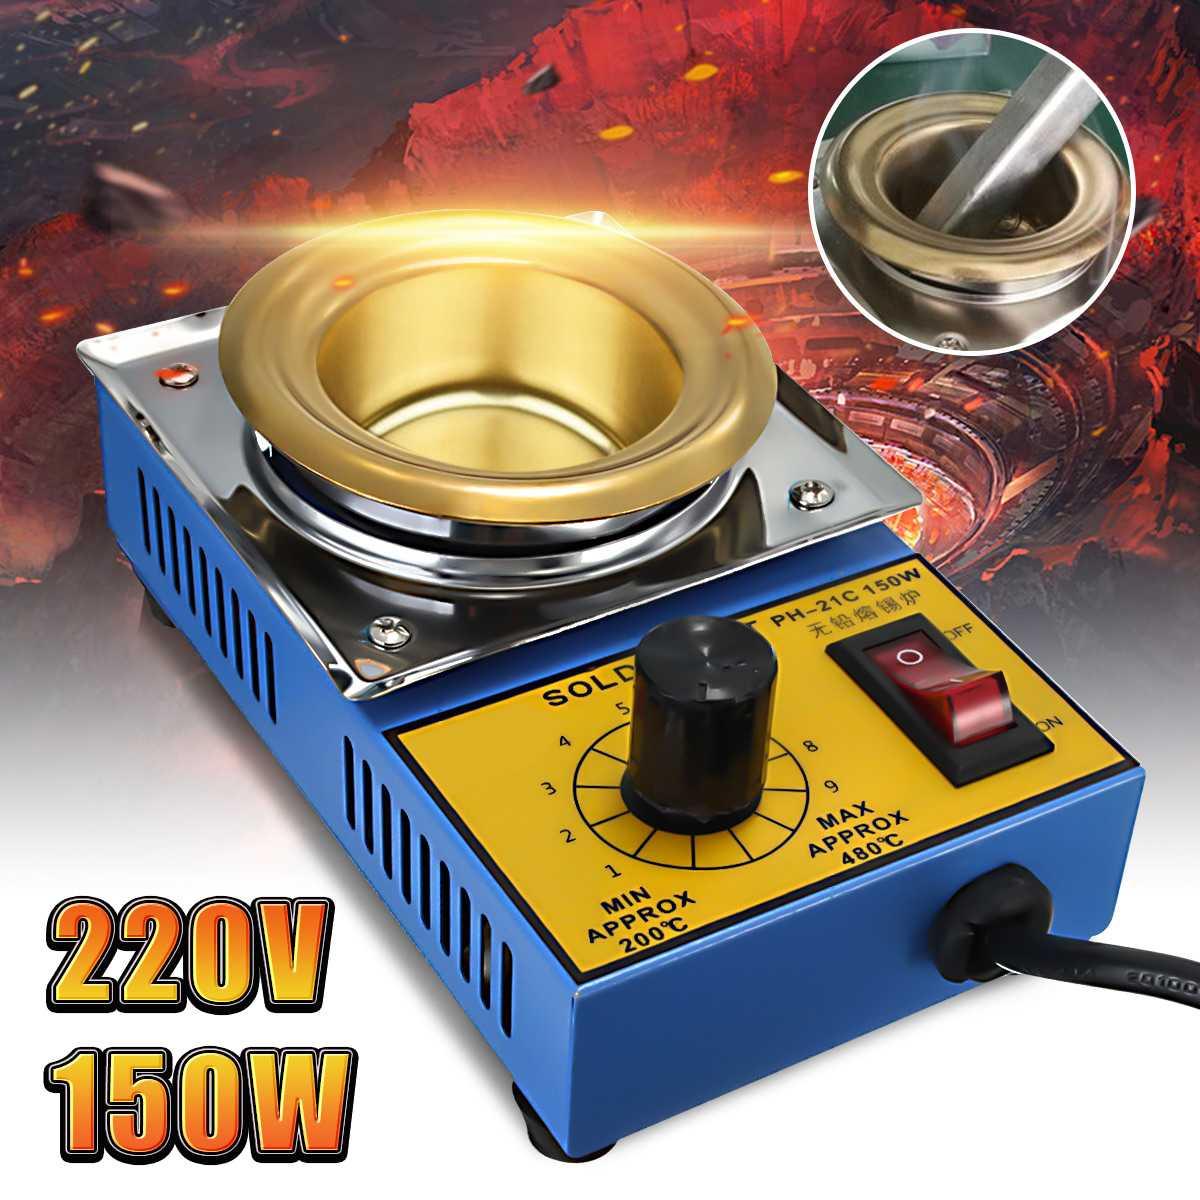 220V 150W 50mm Soldering Desoldering Stainless Steel Plate Solder Pot Desoldering Bath 200-480°C